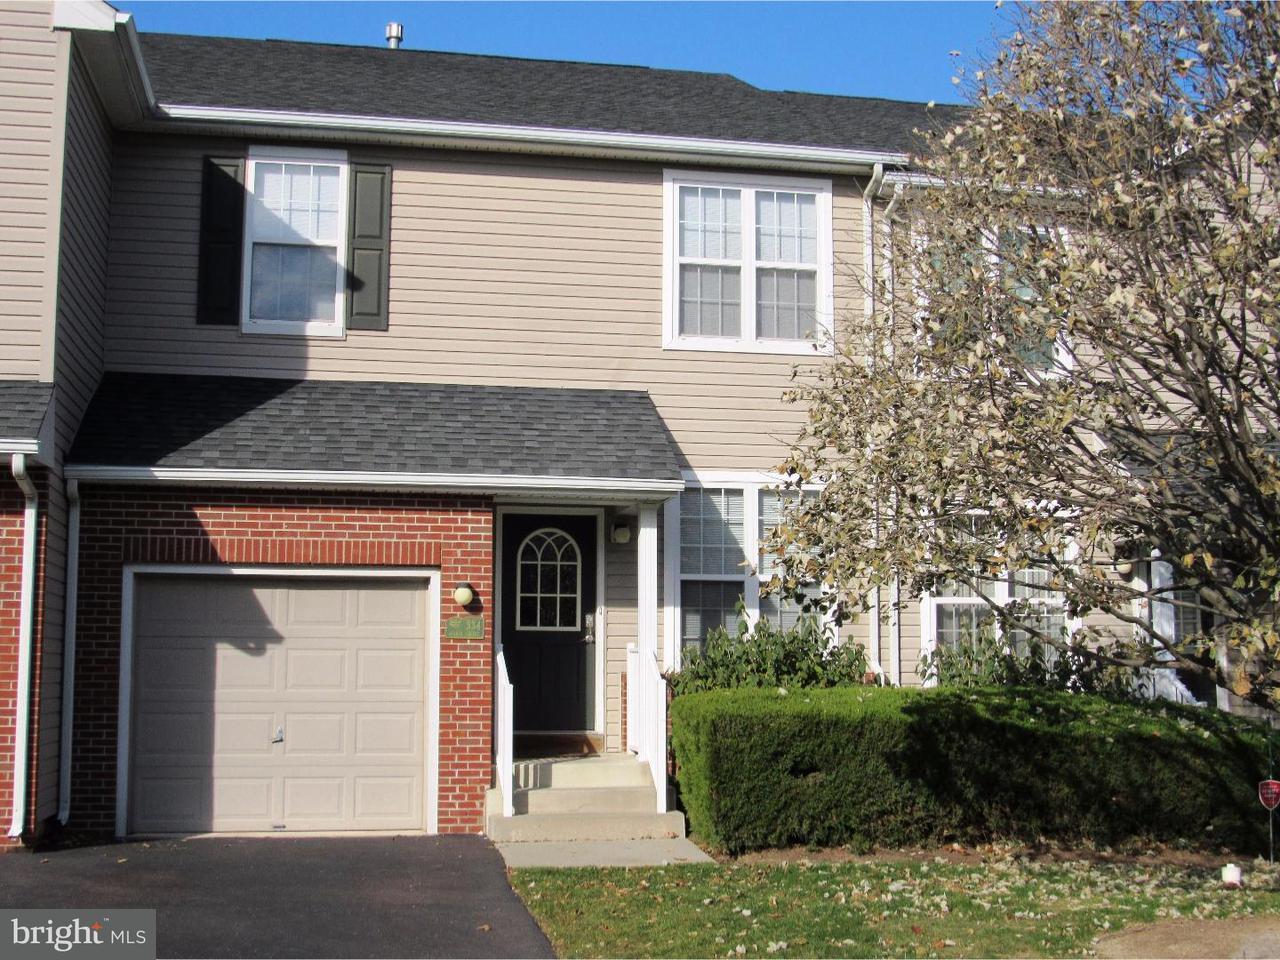 タウンハウス のために 賃貸 アット 534 QUINCY Street Collegeville, ペンシルベニア 19426 アメリカ合衆国